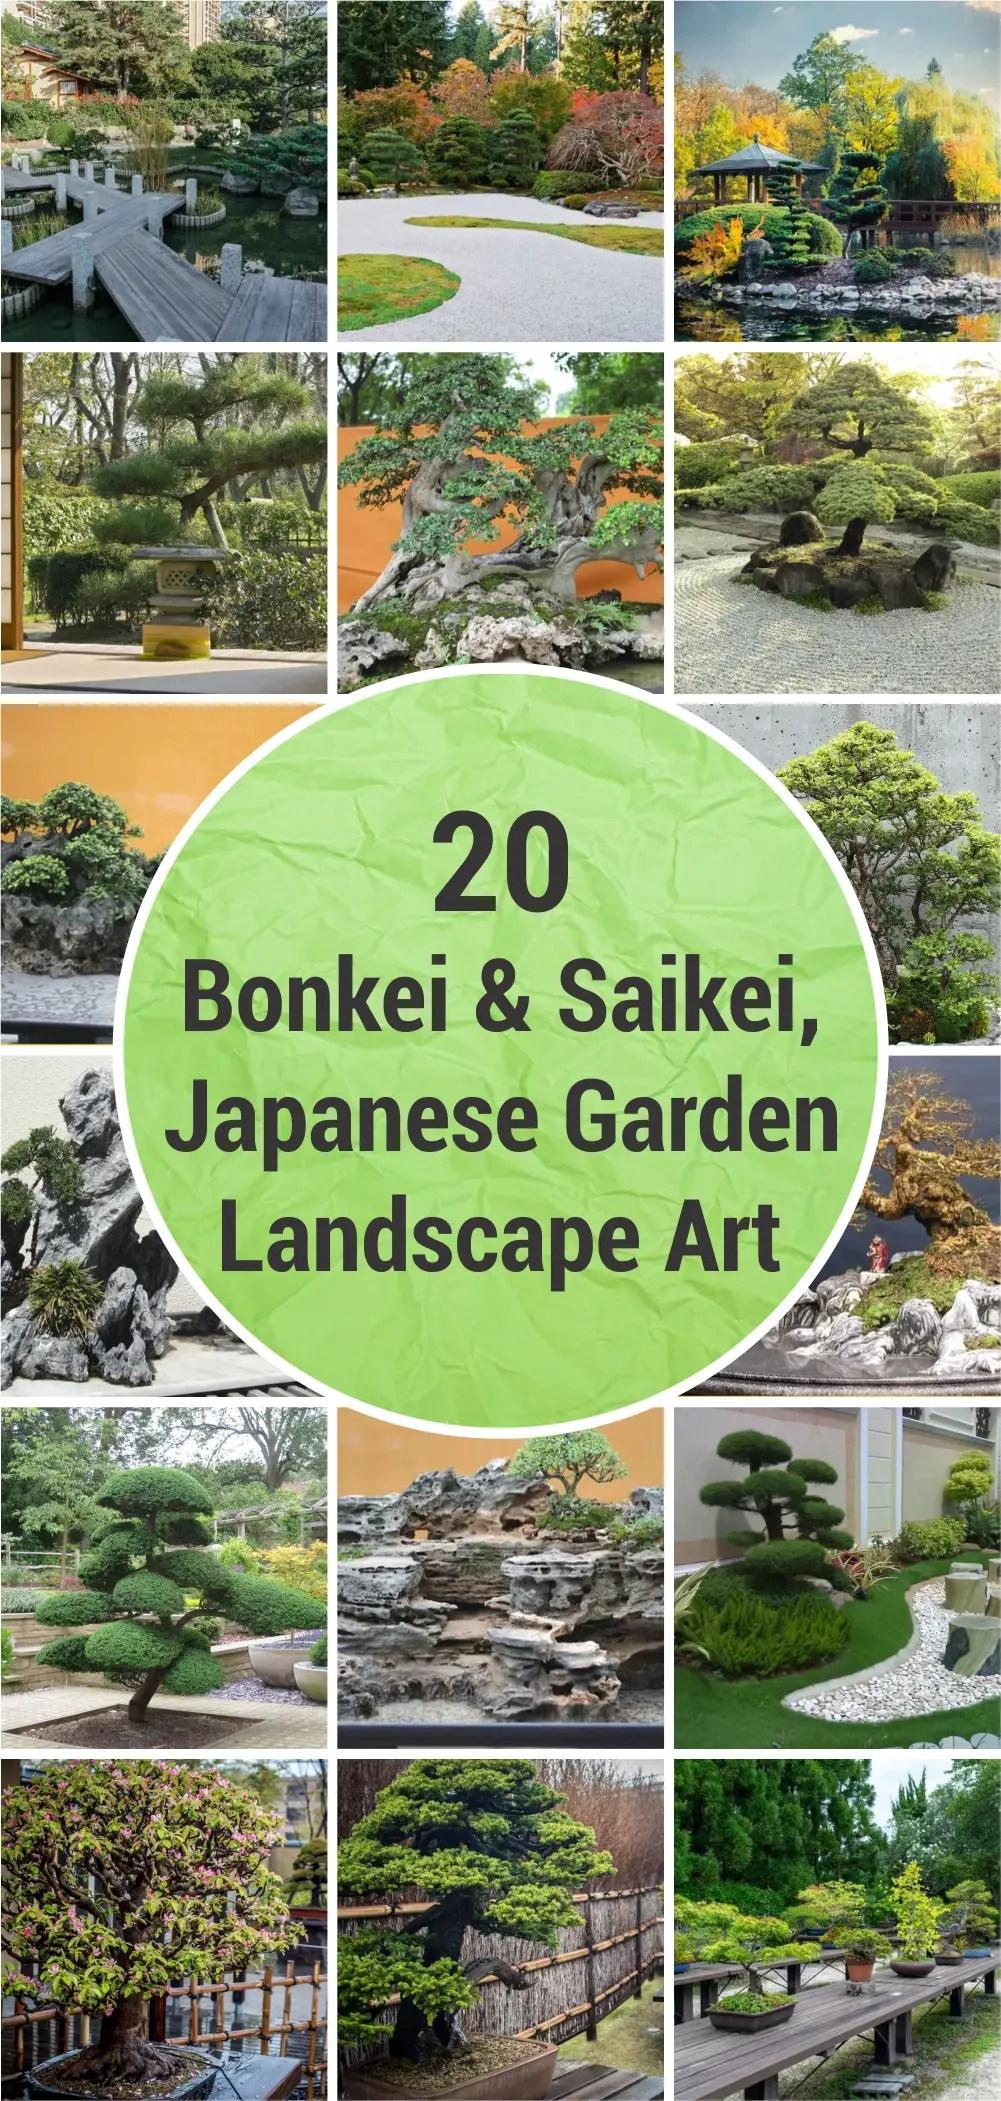 20-bonkei-and-saikei-japanese-garden-landscape-art-1